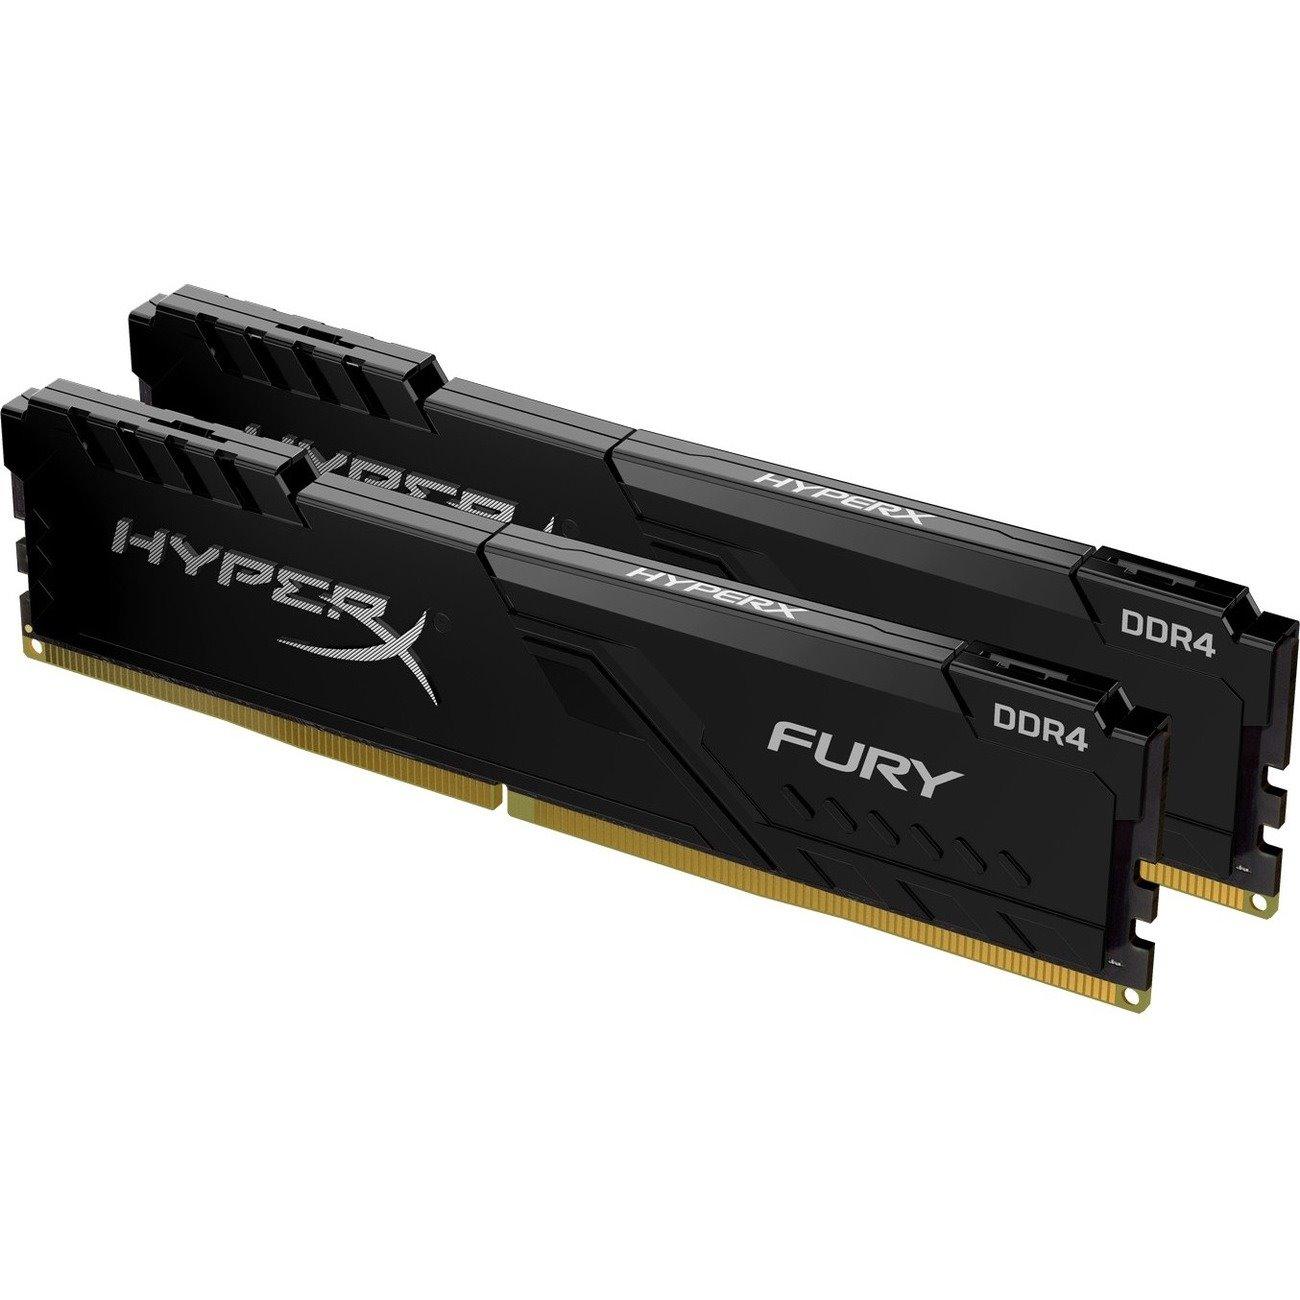 HyperX FURY RAM Module for Desktop PC, Workstation - 32 GB (2 x 16 GB) - DDR4-2666/PC4-21333 DDR4 SDRAM - CL16 - 1.20 V